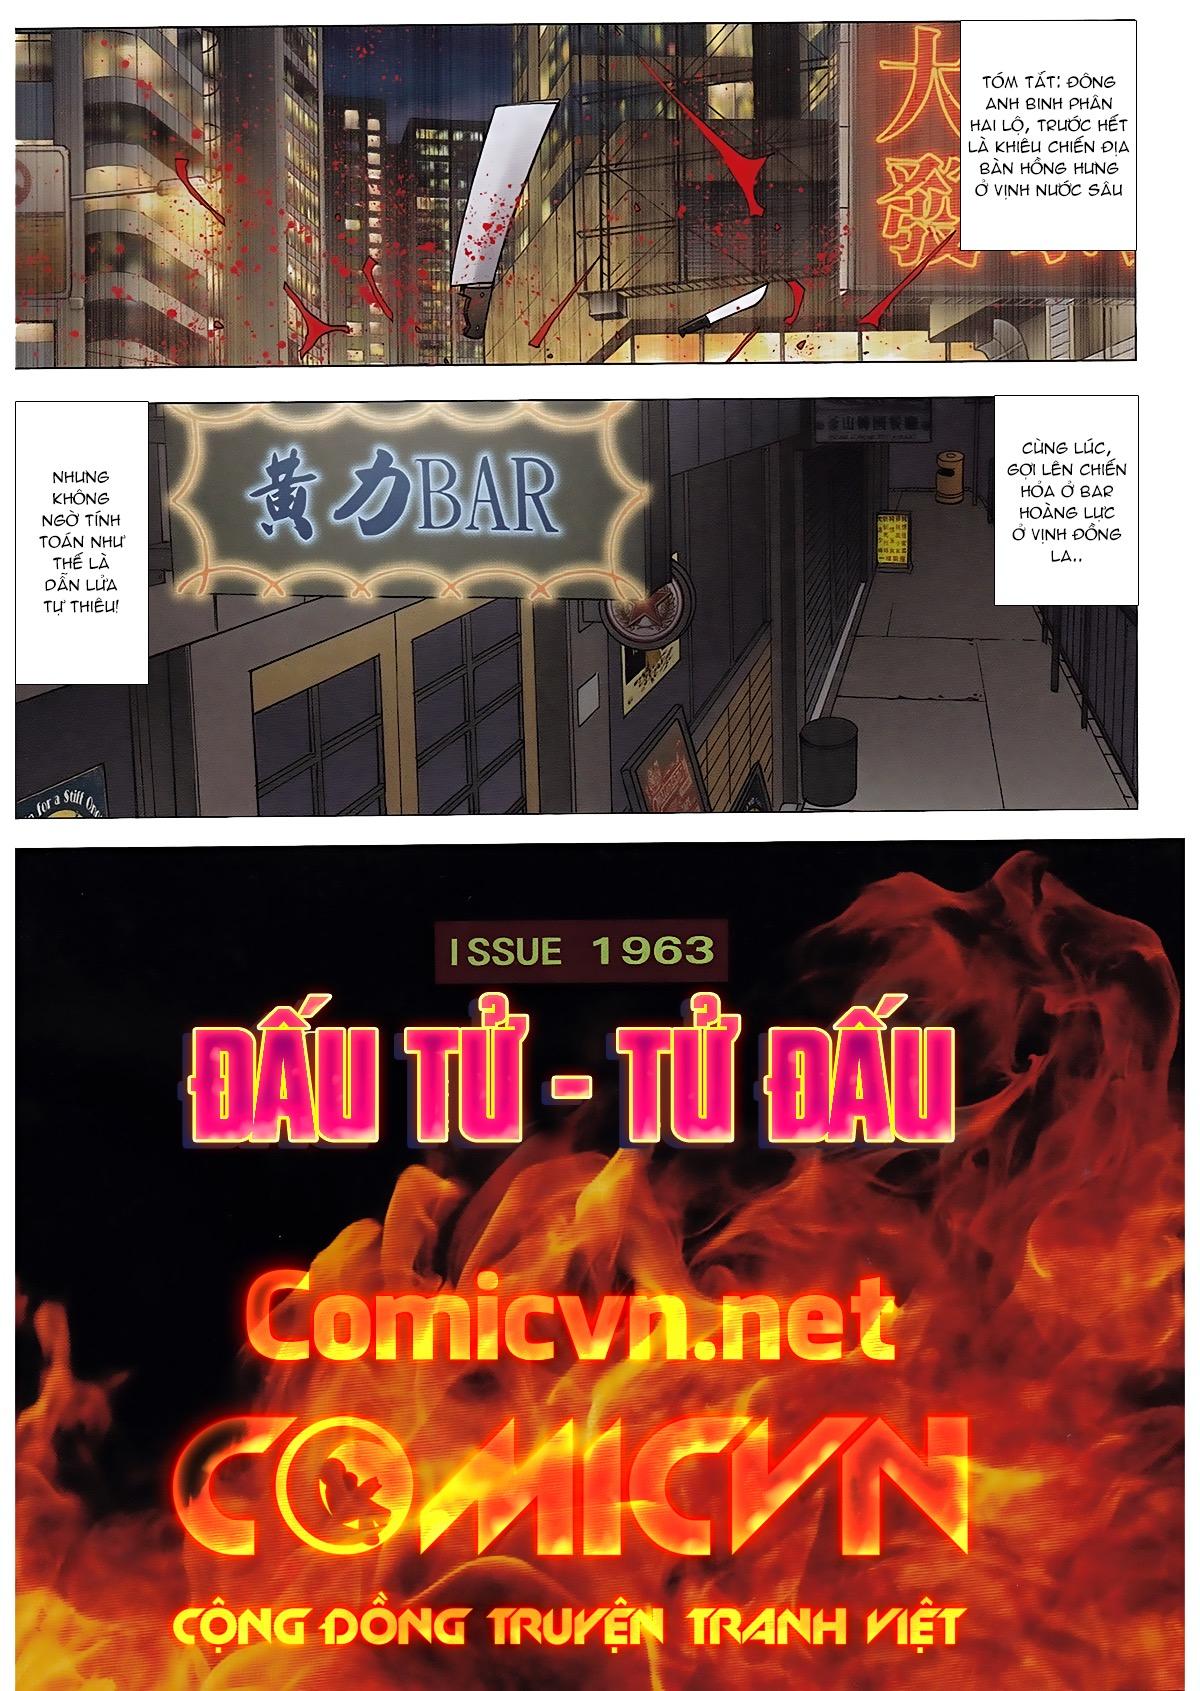 Người Trong Giang Hồ chapter 1963: đấu tử tử đấu trang 2